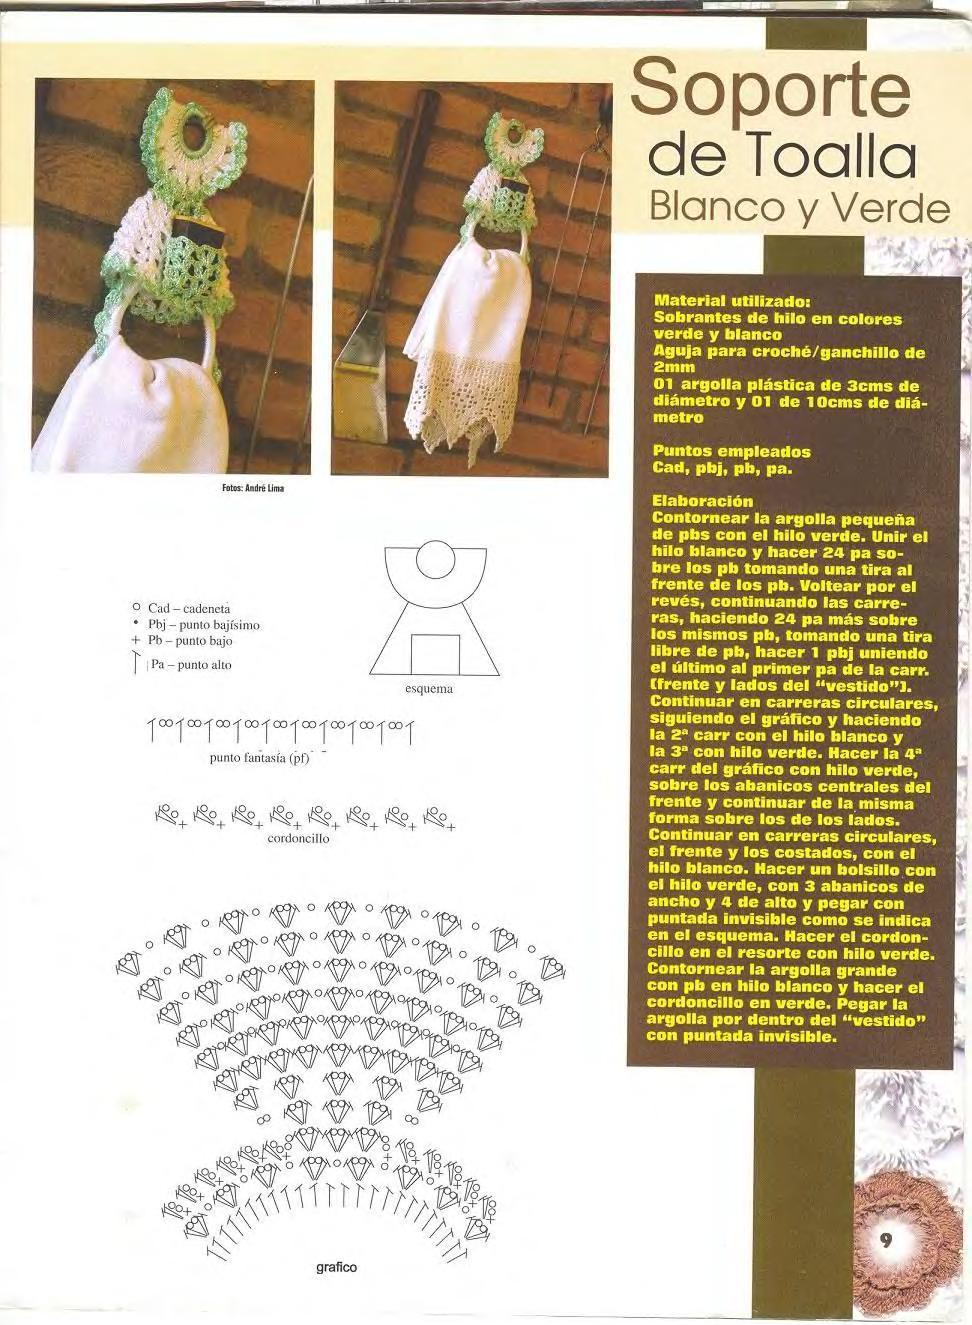 Increíble Soportes En Los Patrones De Ganchillo Adorno - Ideas de ...